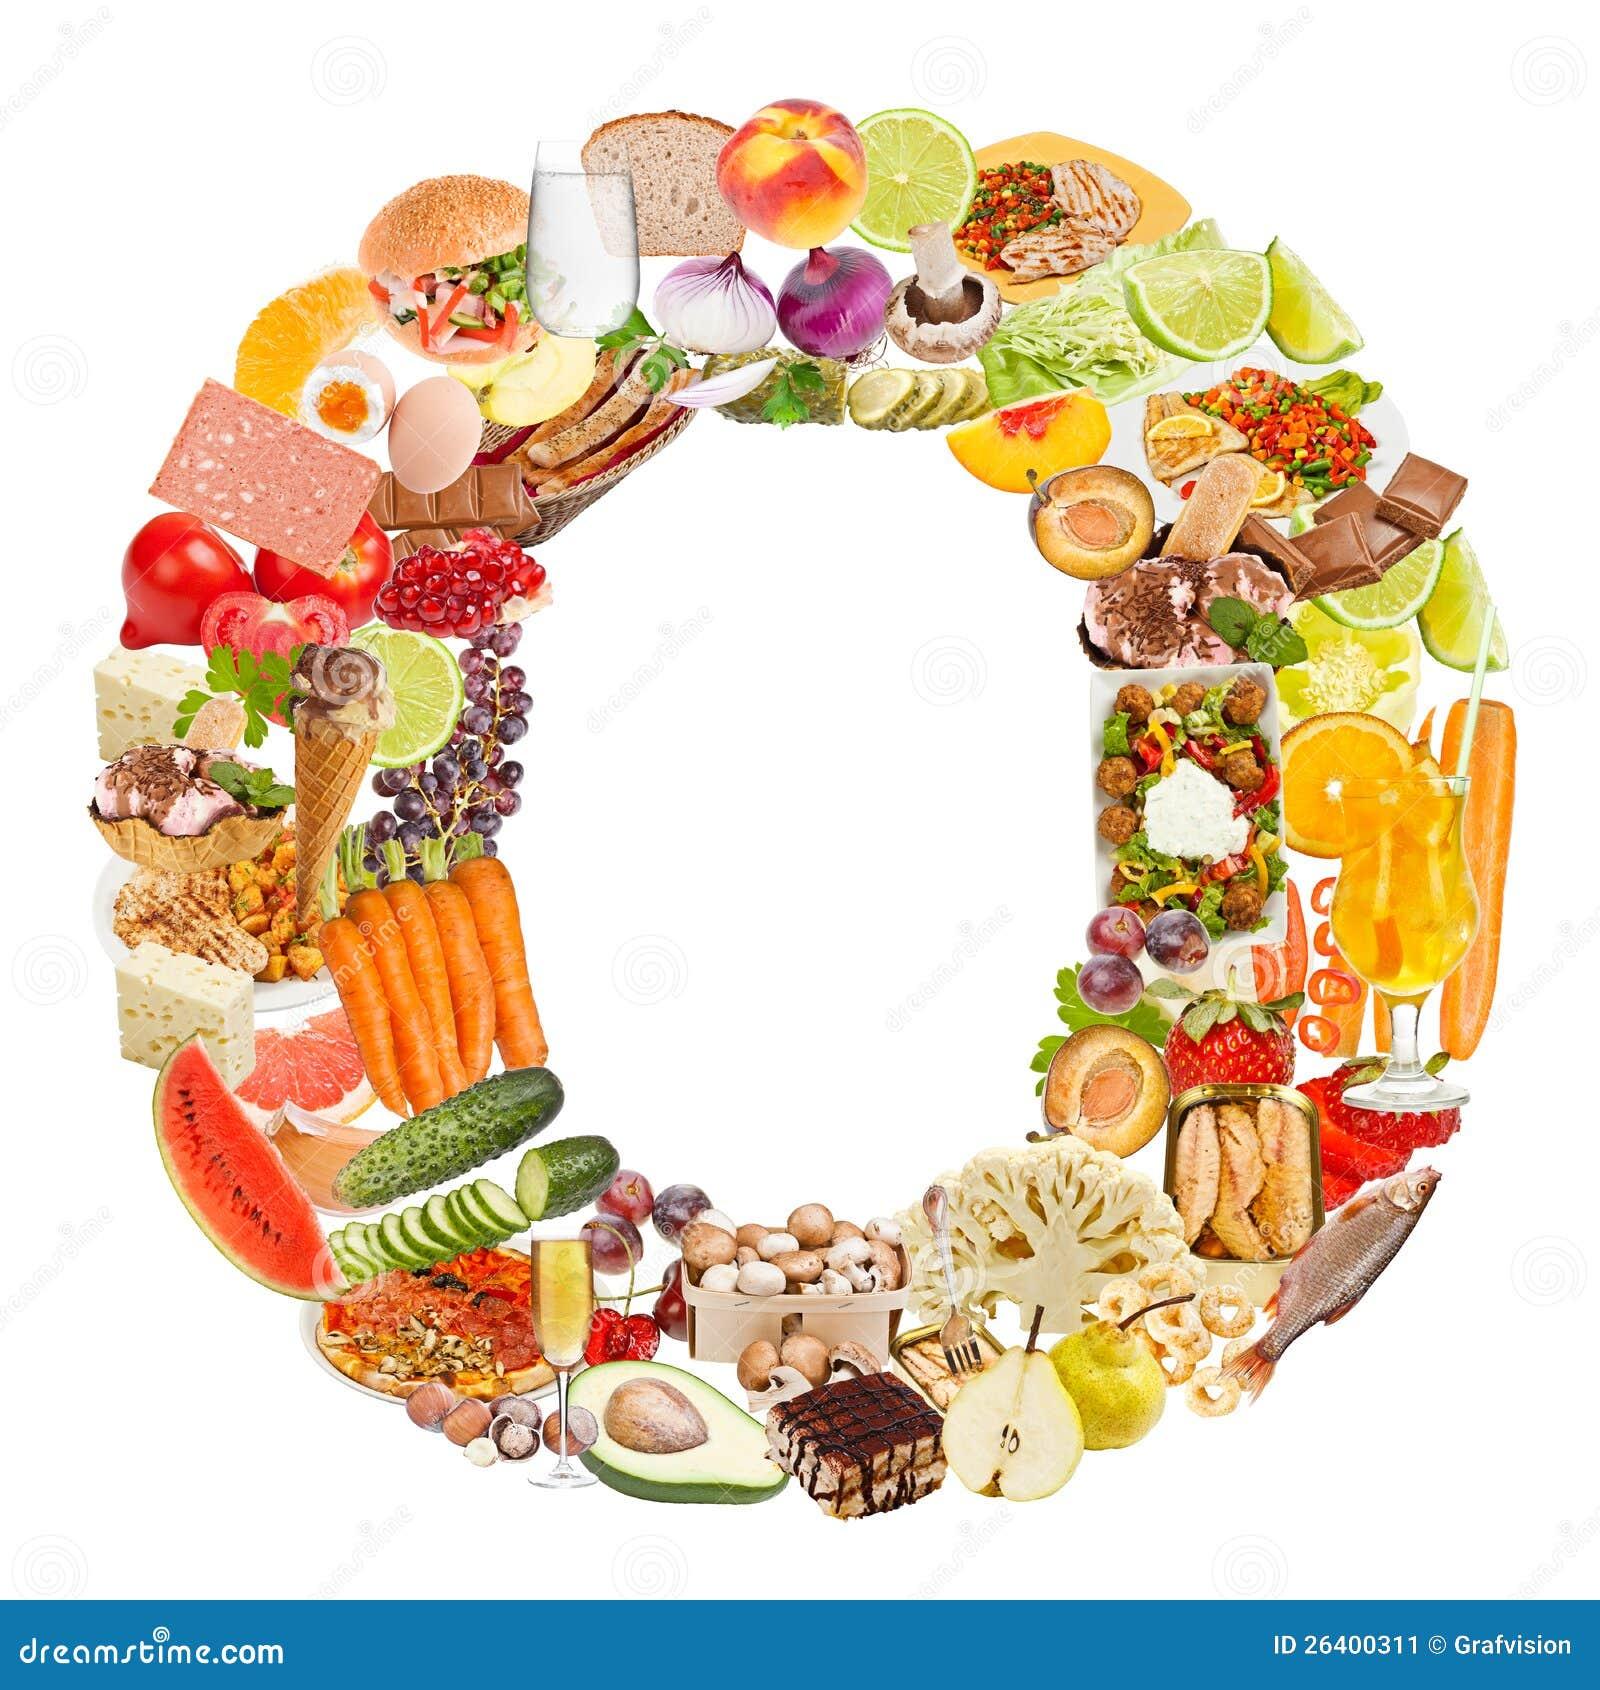 Γράμμα Ο φιαγμένο από τρόφιμα